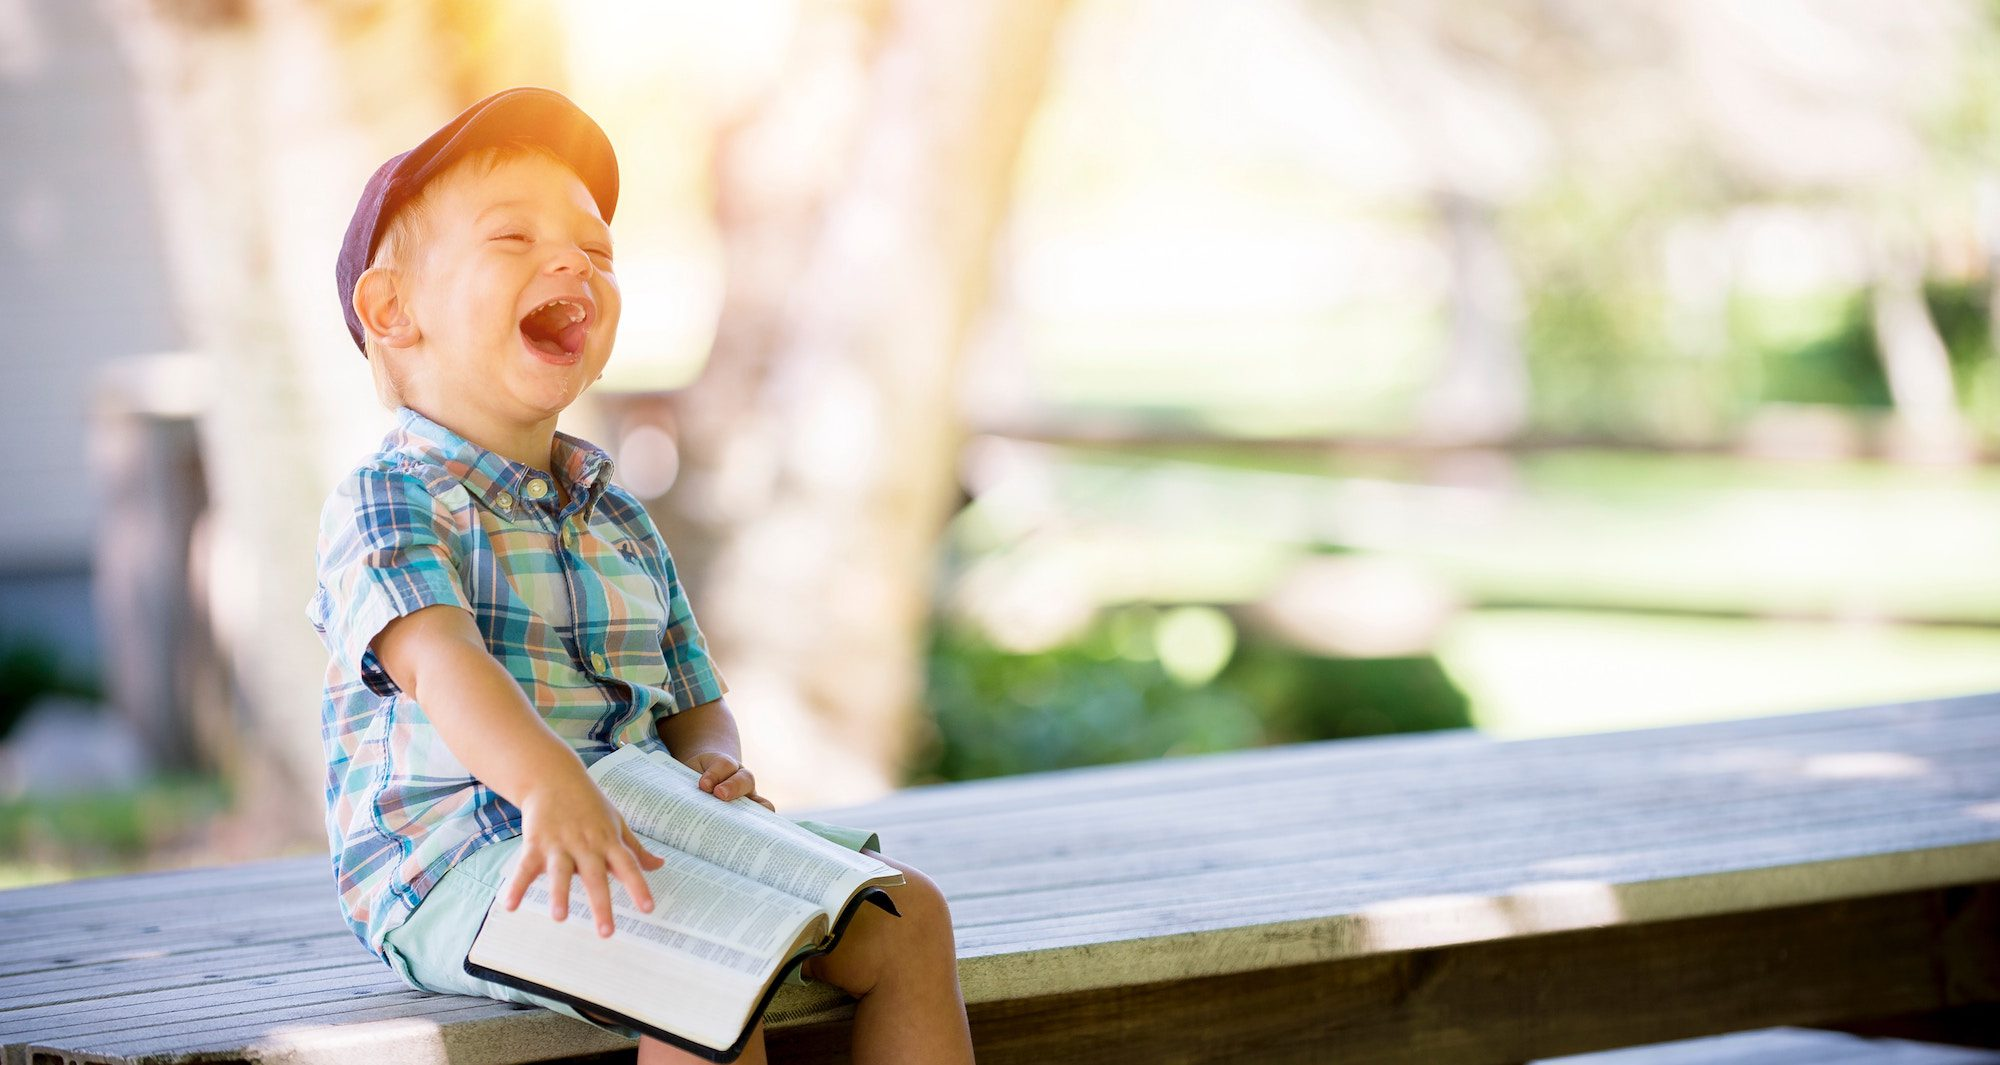 Lachendes Kind auf Tisch sitzend - sorgenfrei